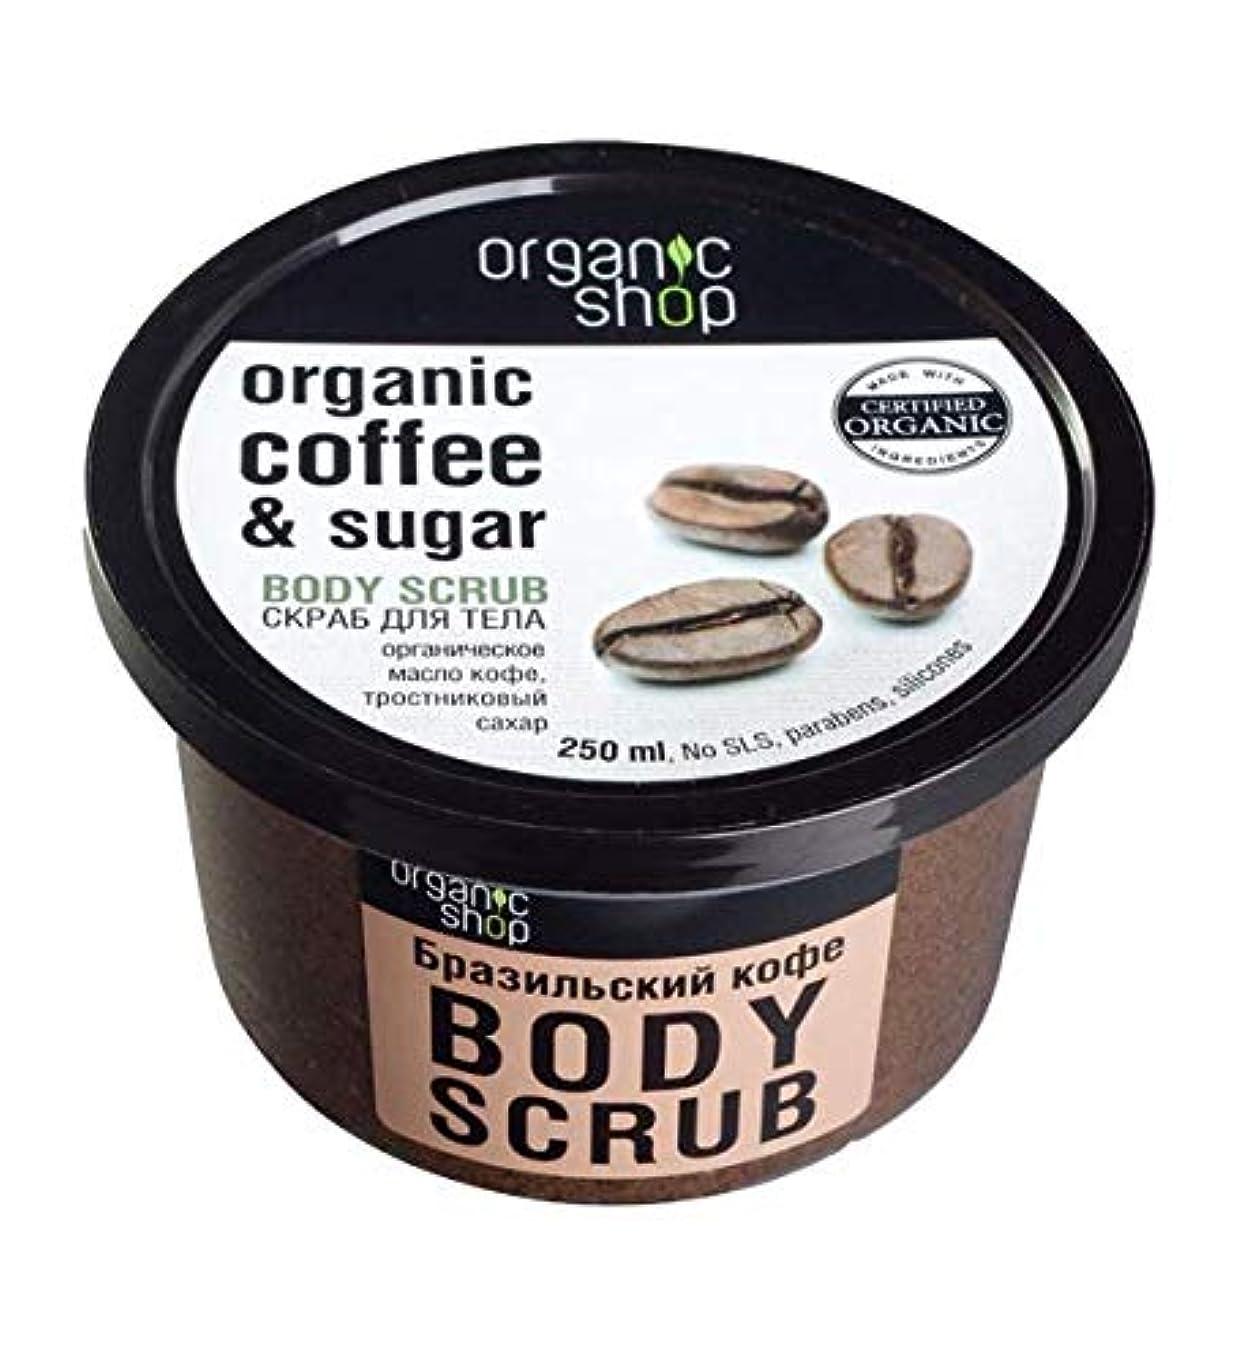 生じる教えて高価な【話題沸騰中】ロシア産 ORGANIC SHOP オーガニック ショップ ボディスクラブ coffee&sugar 250ml 「ブラジルコーヒー」